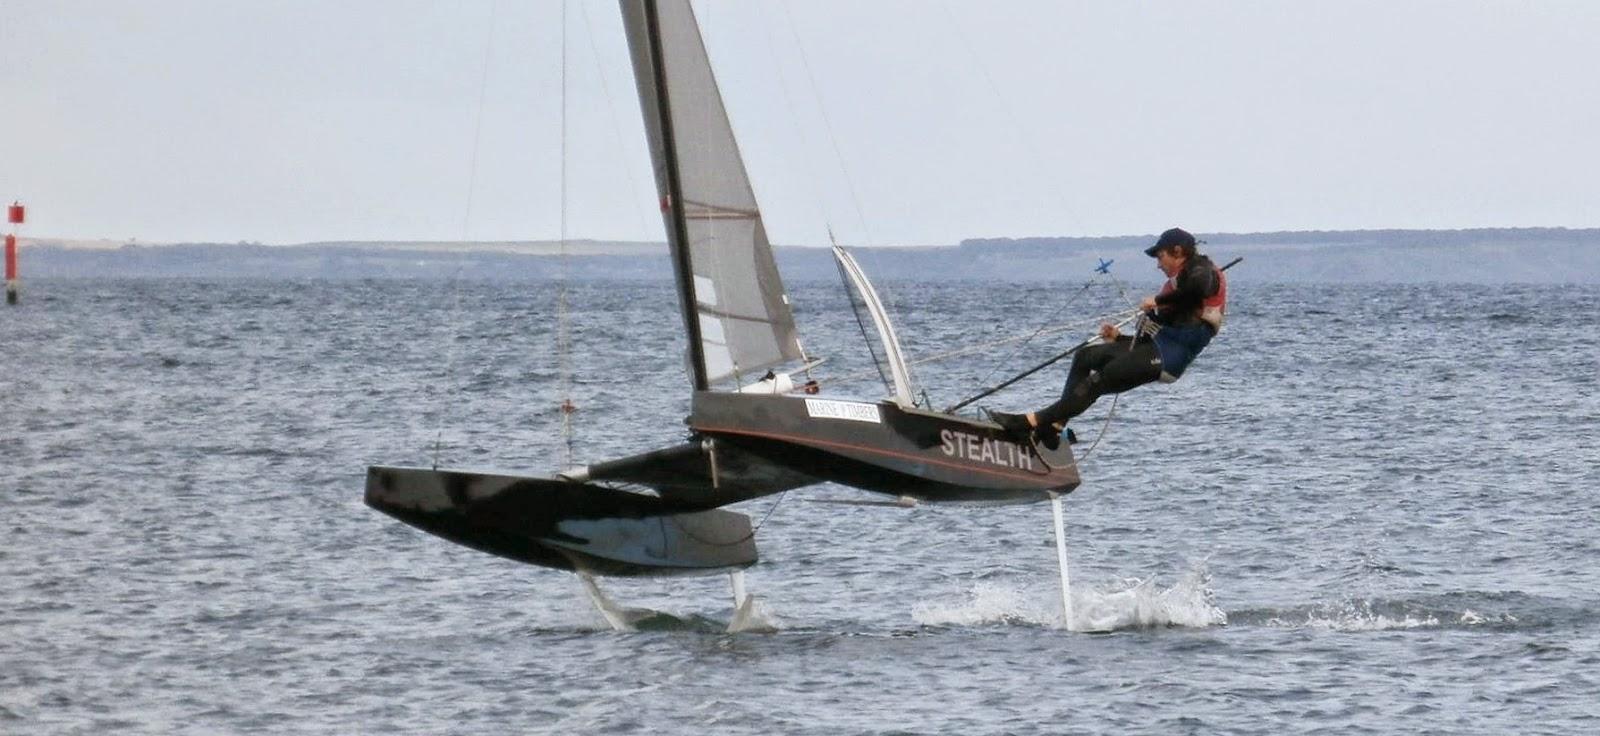 Custom Stealth Foiler From Australia Catamaran Racing